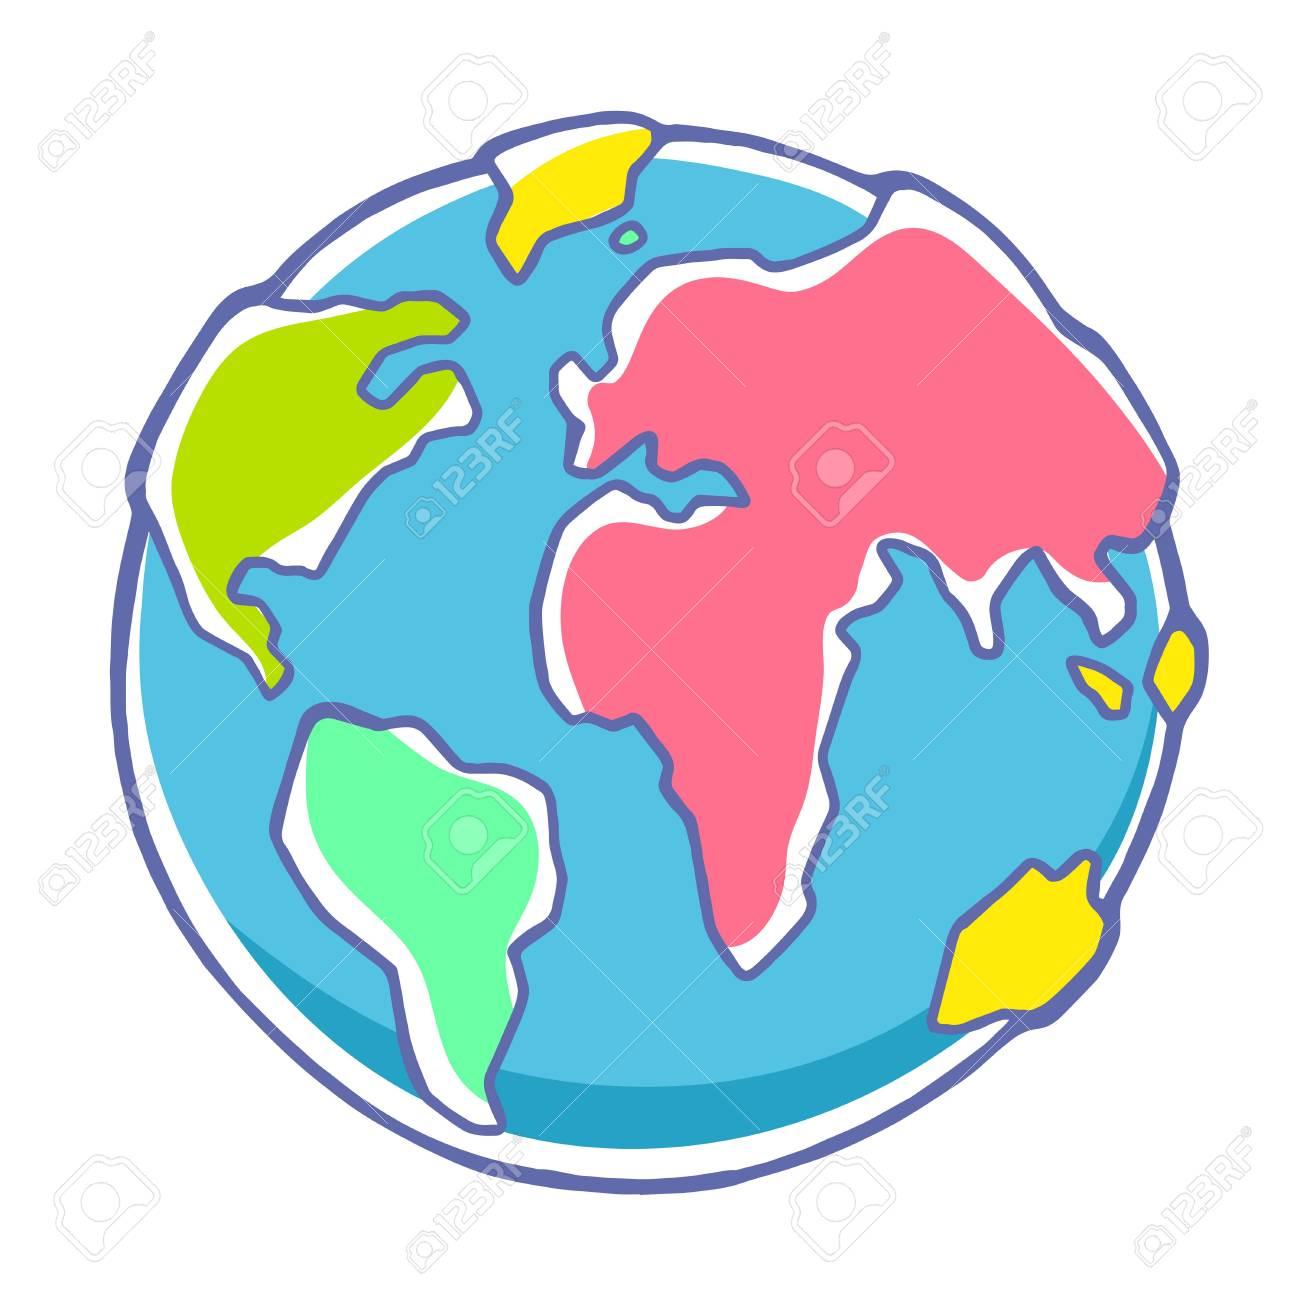 Dessin Planète Terre illustration colorée de vecteur de la planète terre sur fond blanc